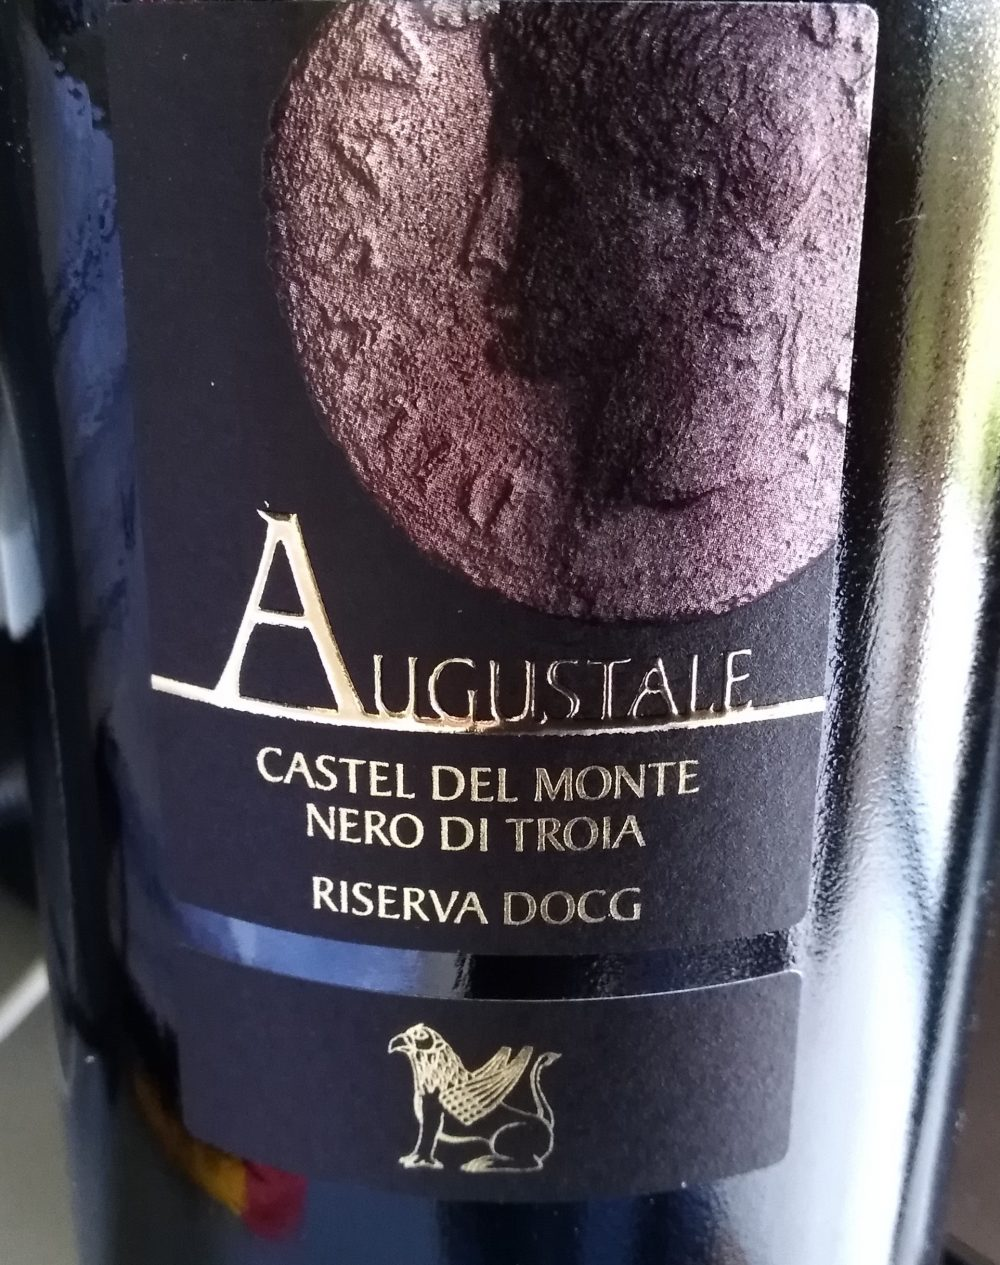 Controetichetta Augustale Castel del Monte Nero di Troia Riserva Docg Cantina di Ruvo di Puglia